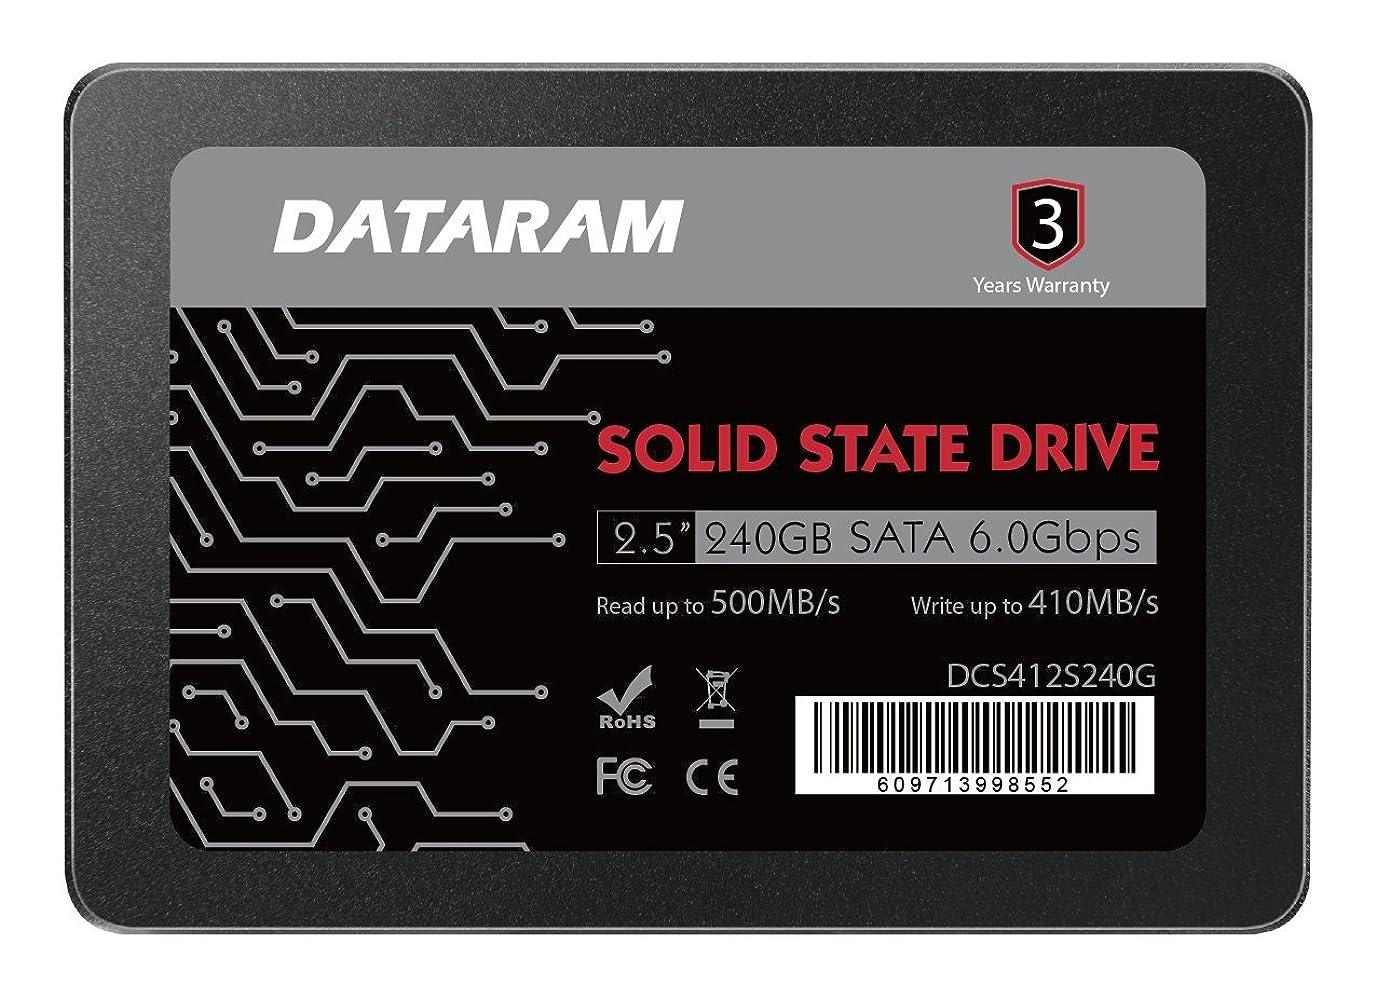 内なるスカウト蛇行DATARAM 240GB 2.5インチ SSDドライブ ソリッドステートドライブ HP ZBOOK 15U G3に対応